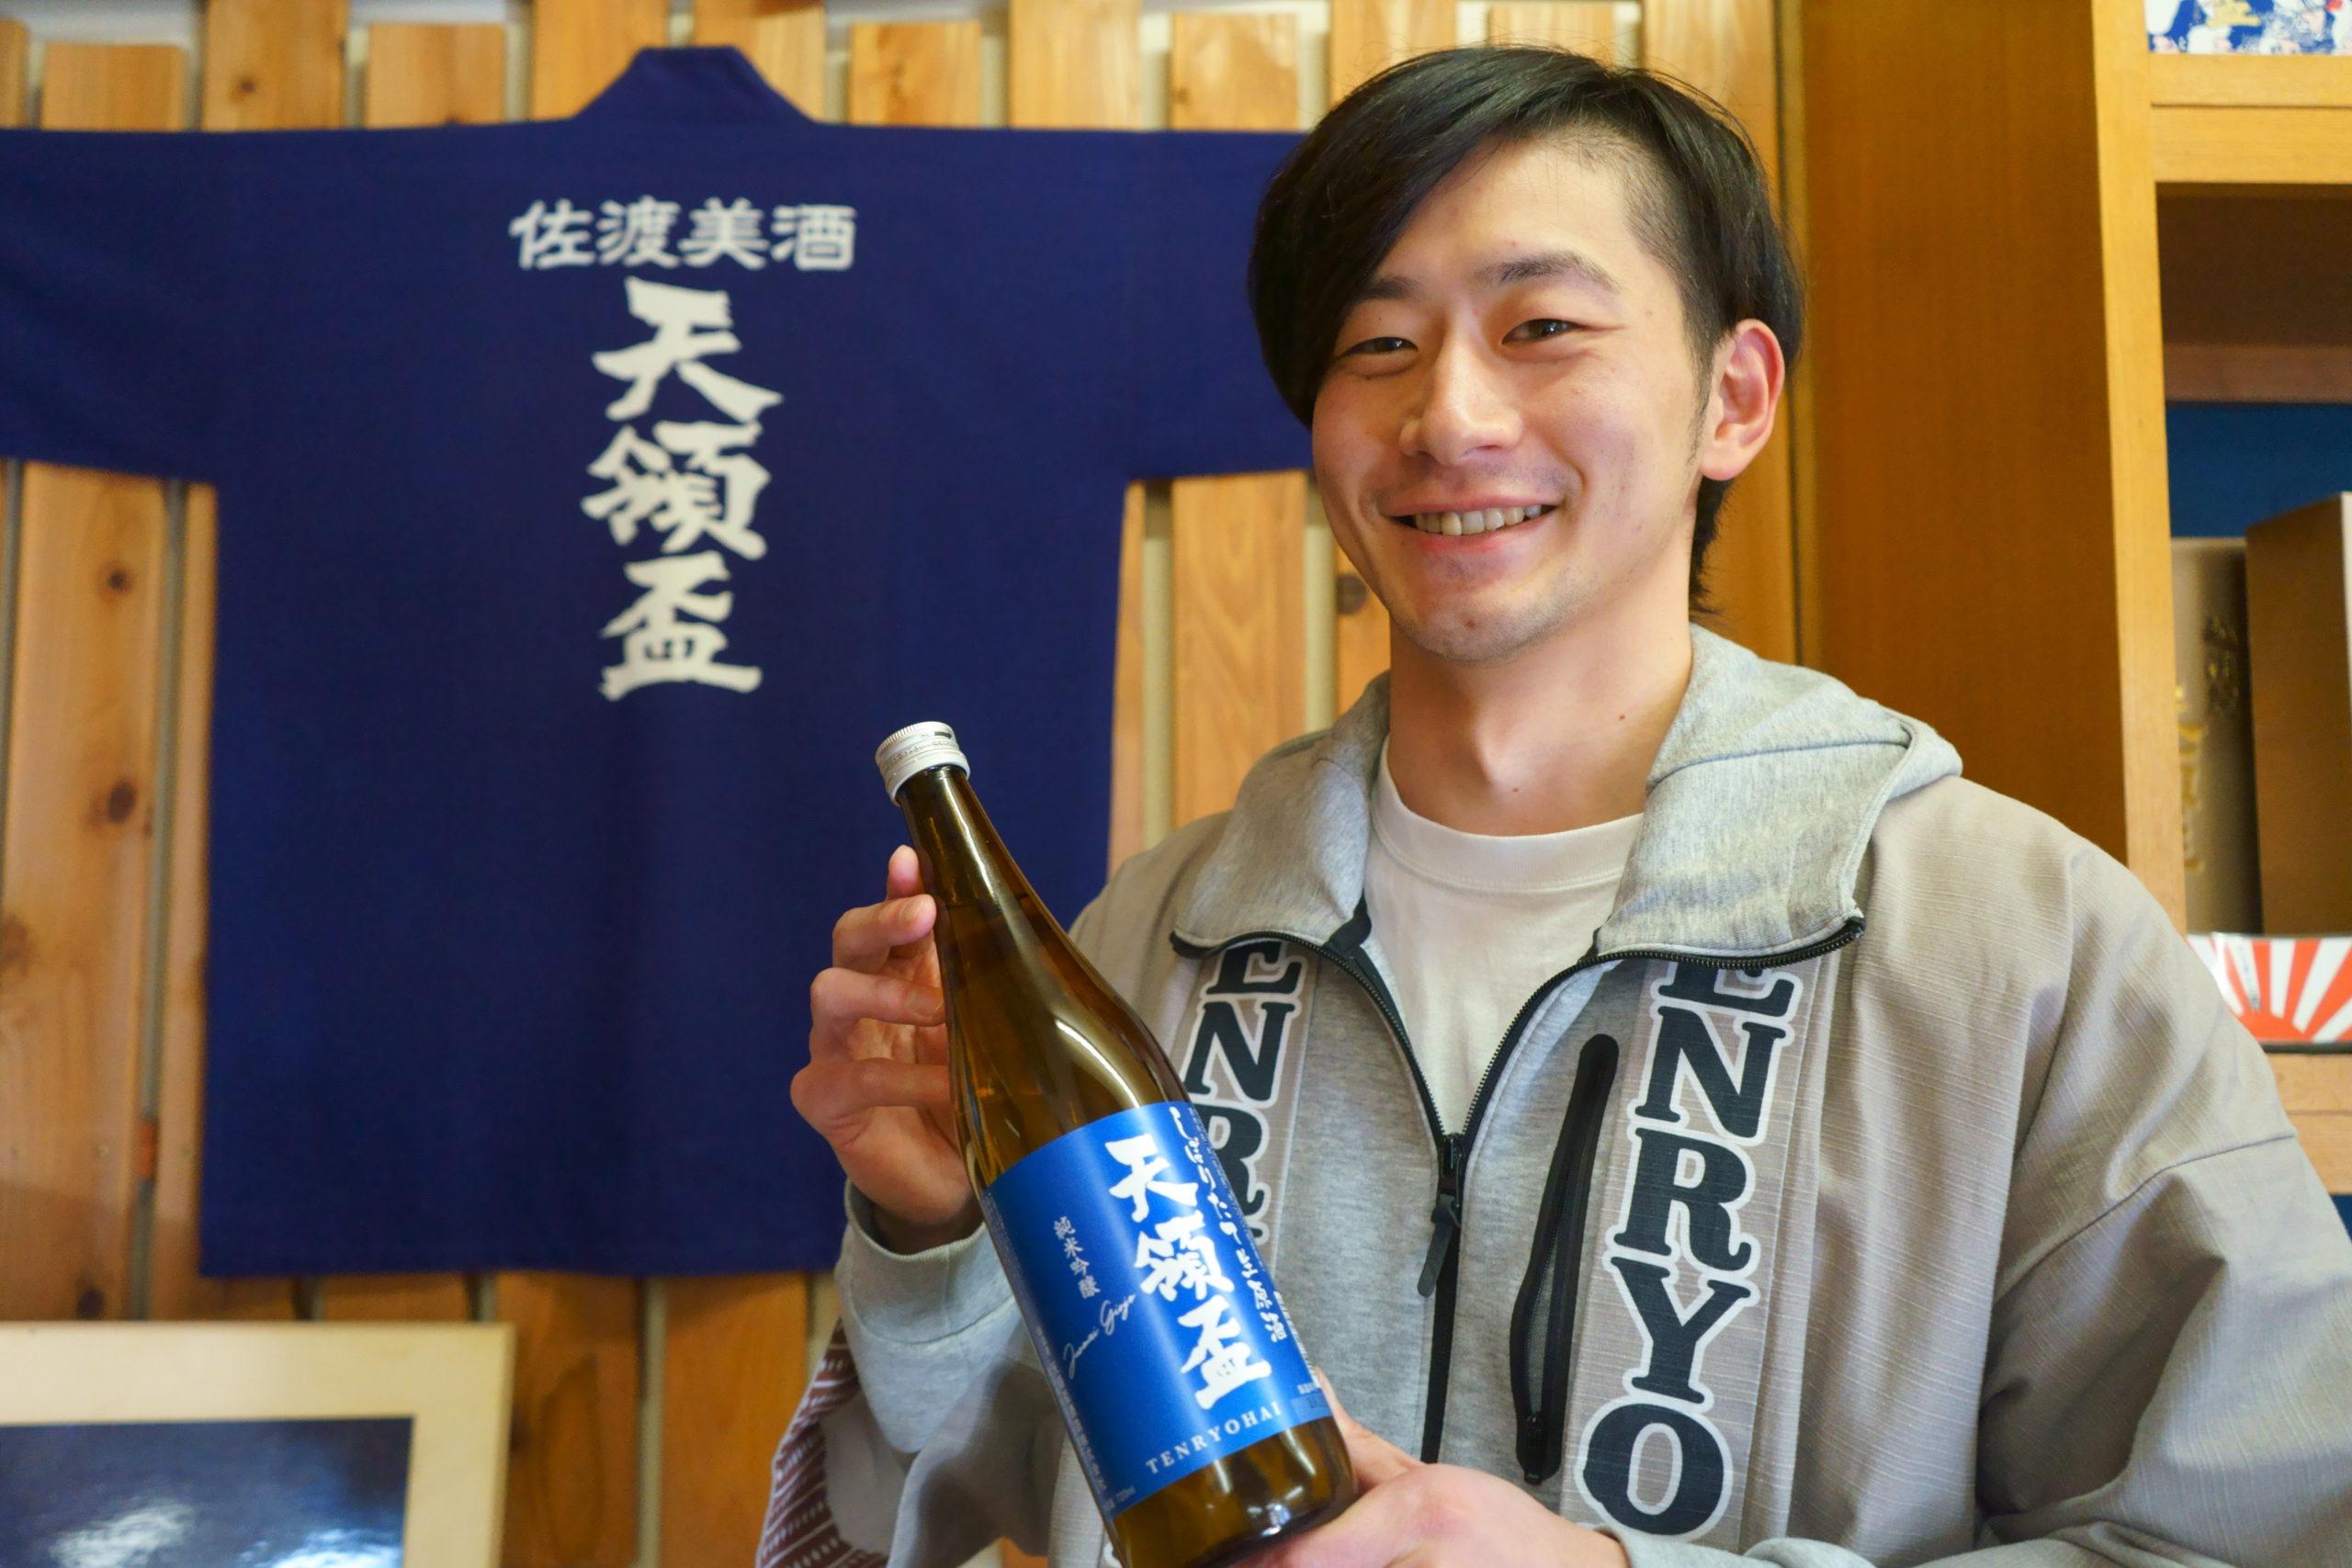 赤字酒蔵を最速で黒字化した最年少蔵元がつくる「心から誇れる日本酒」